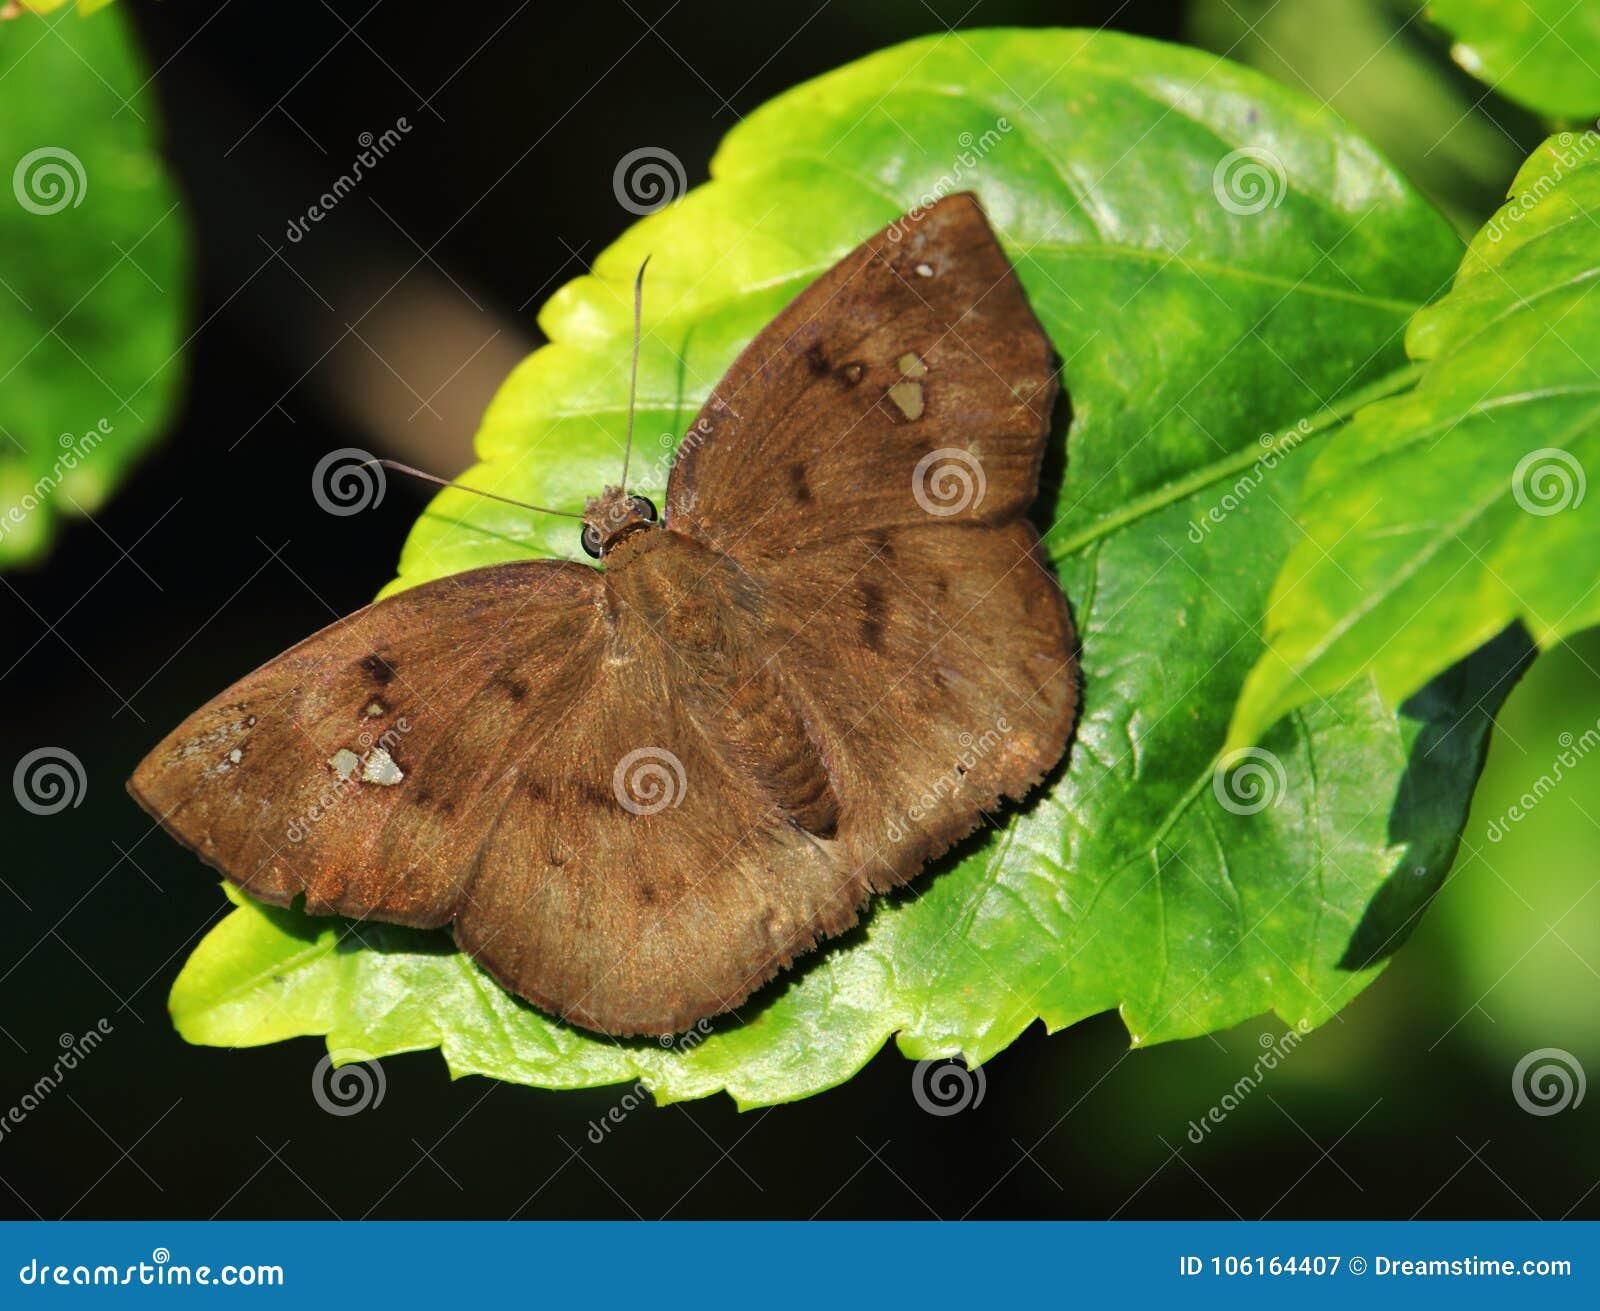 A brown butterfly sunbathing